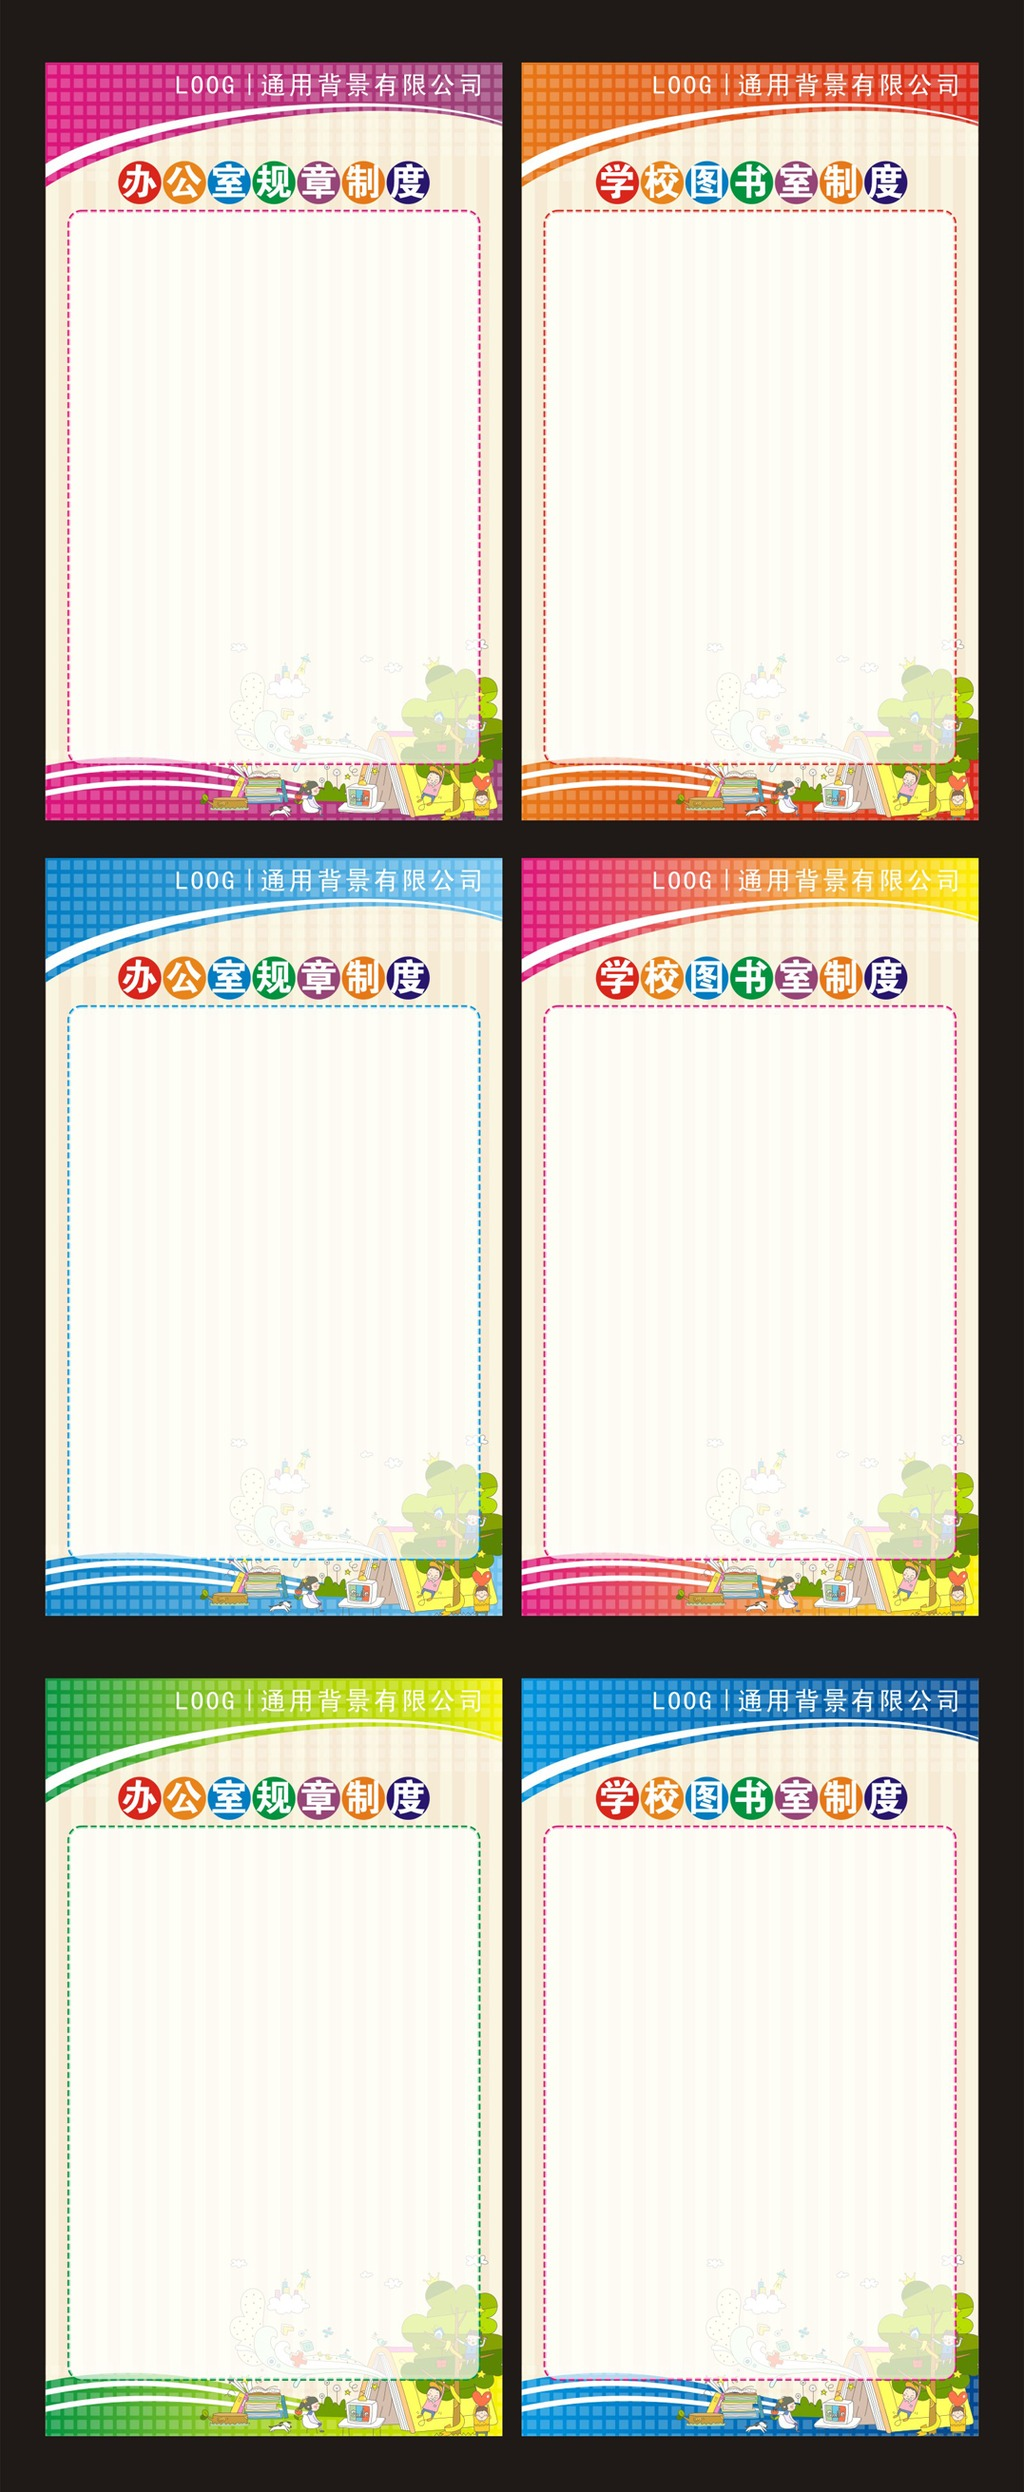 背景 展板 学校展板 学校模板 学校设计 学校宣传栏 幼儿园背景 展板图片